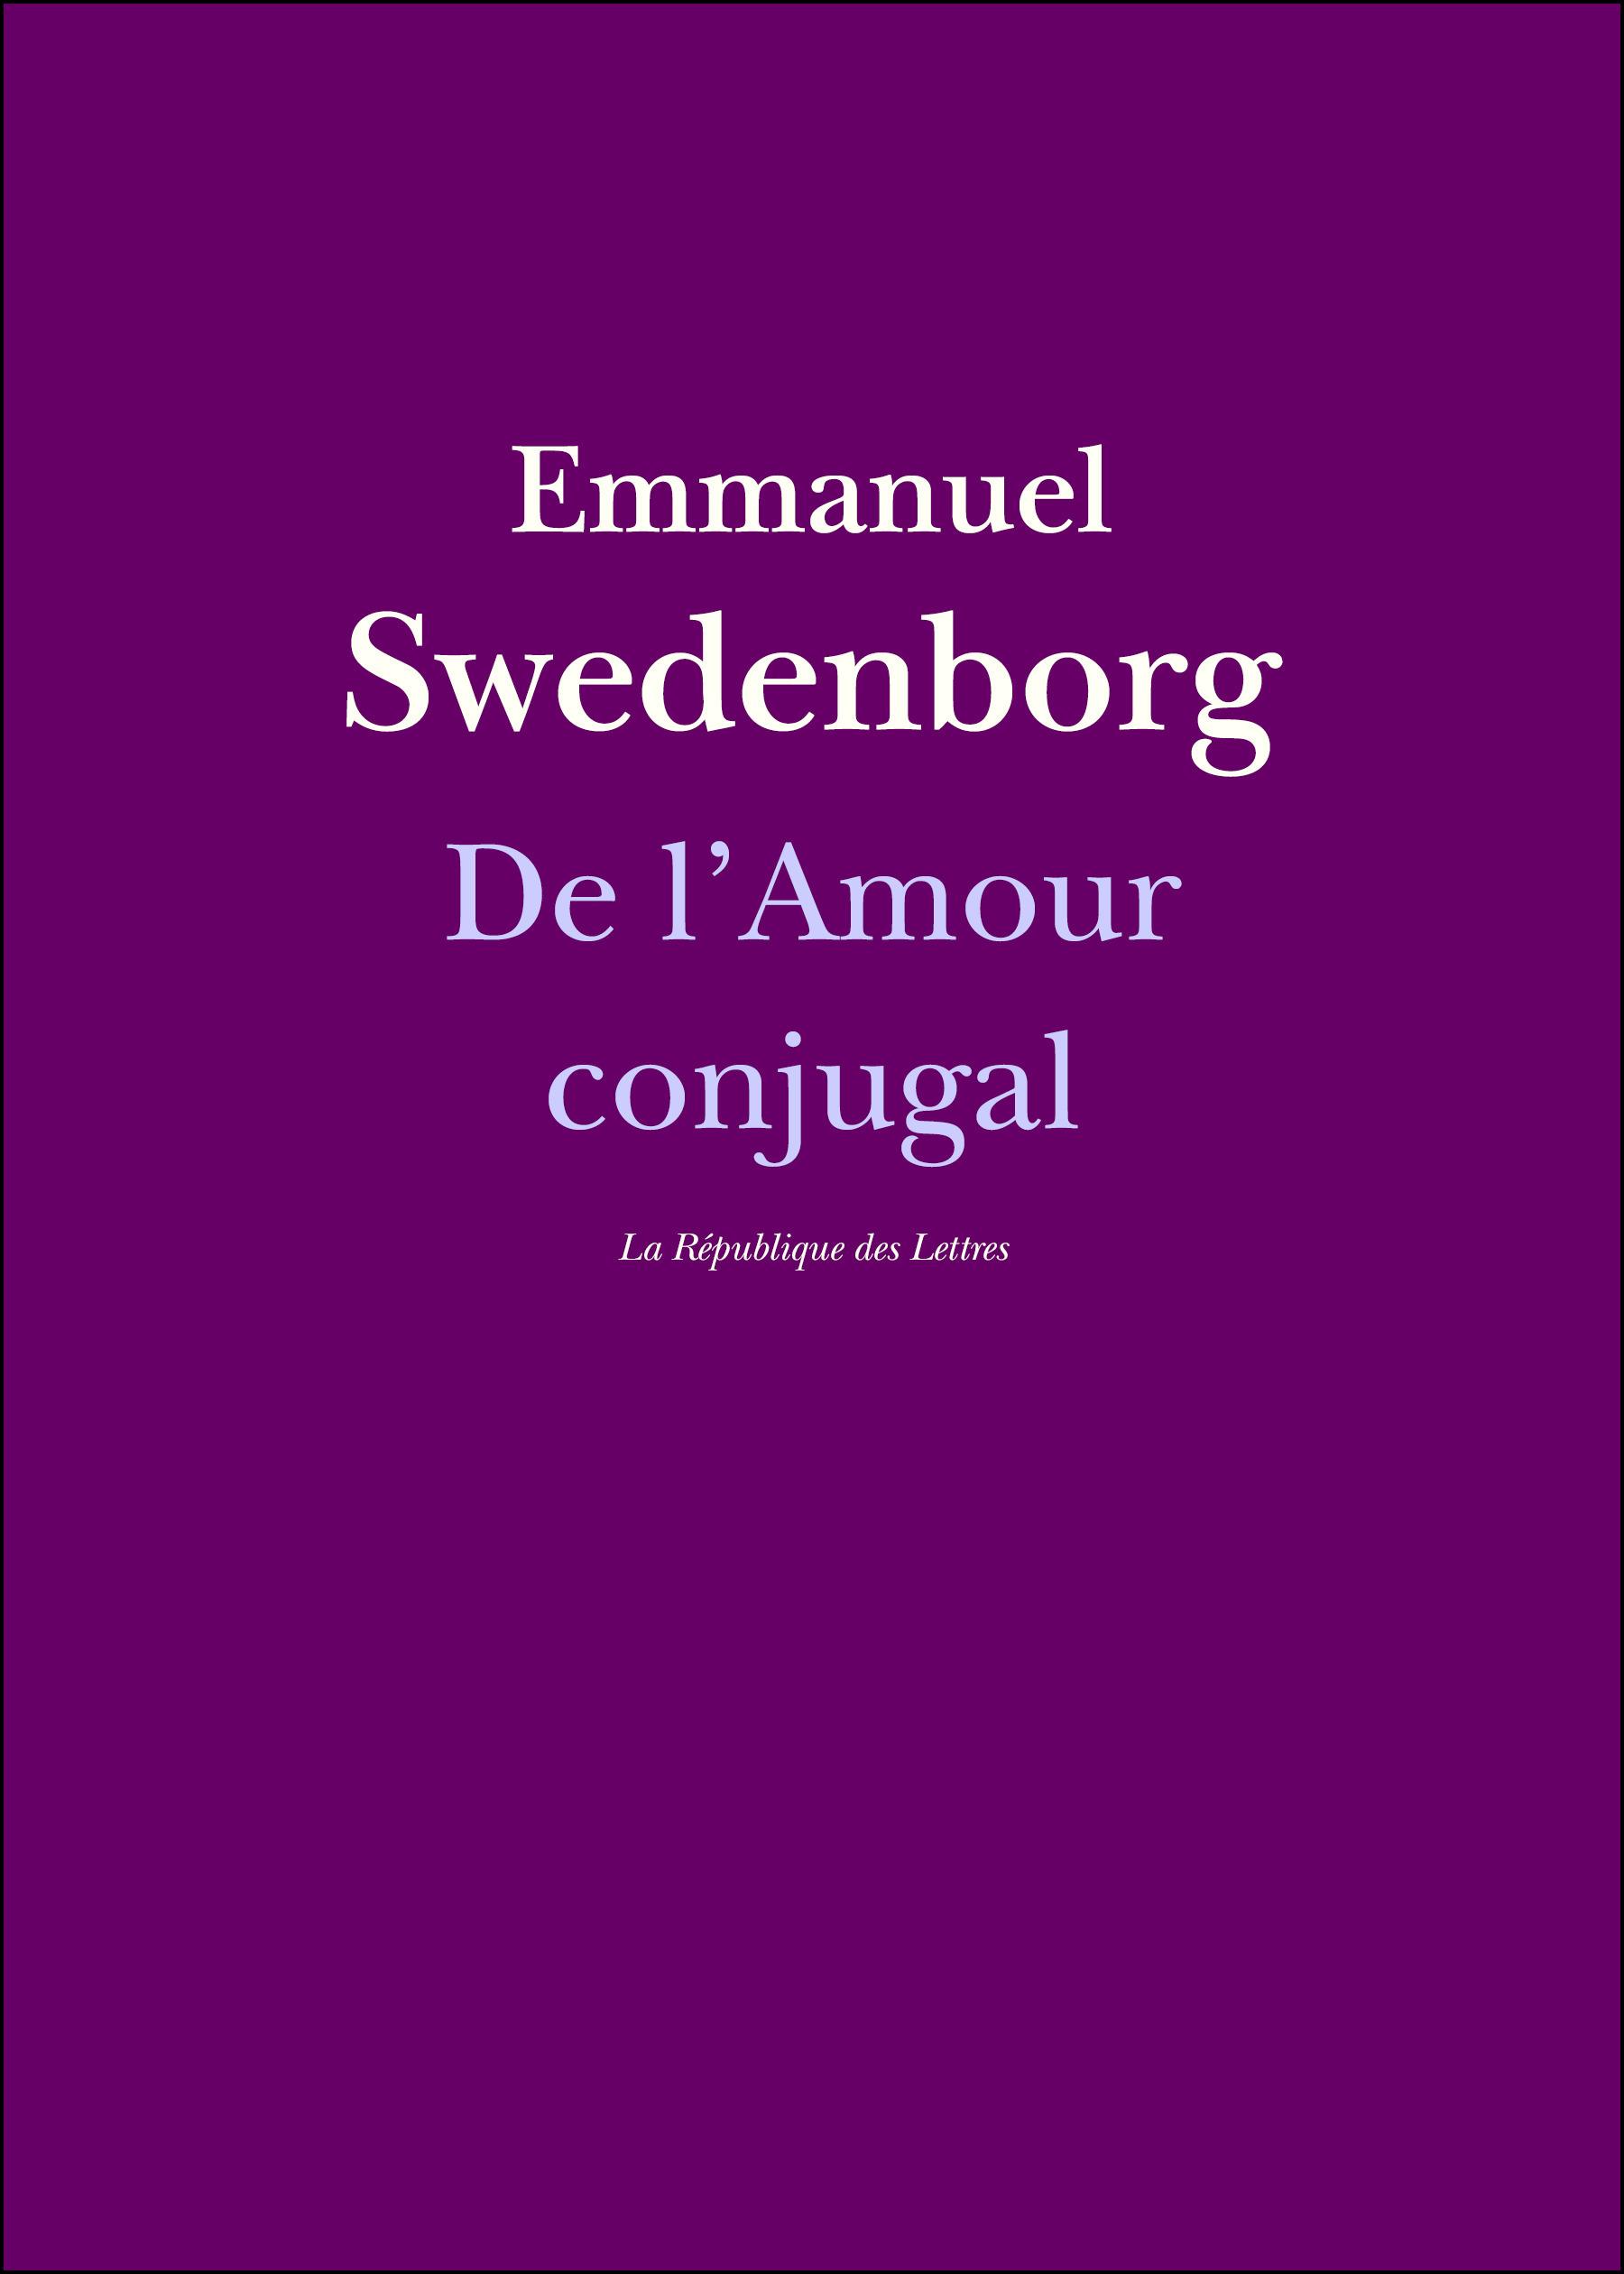 De l'Amour conjugal  - Emmanuel Swedenborg  - Swedenborg/Nathan De